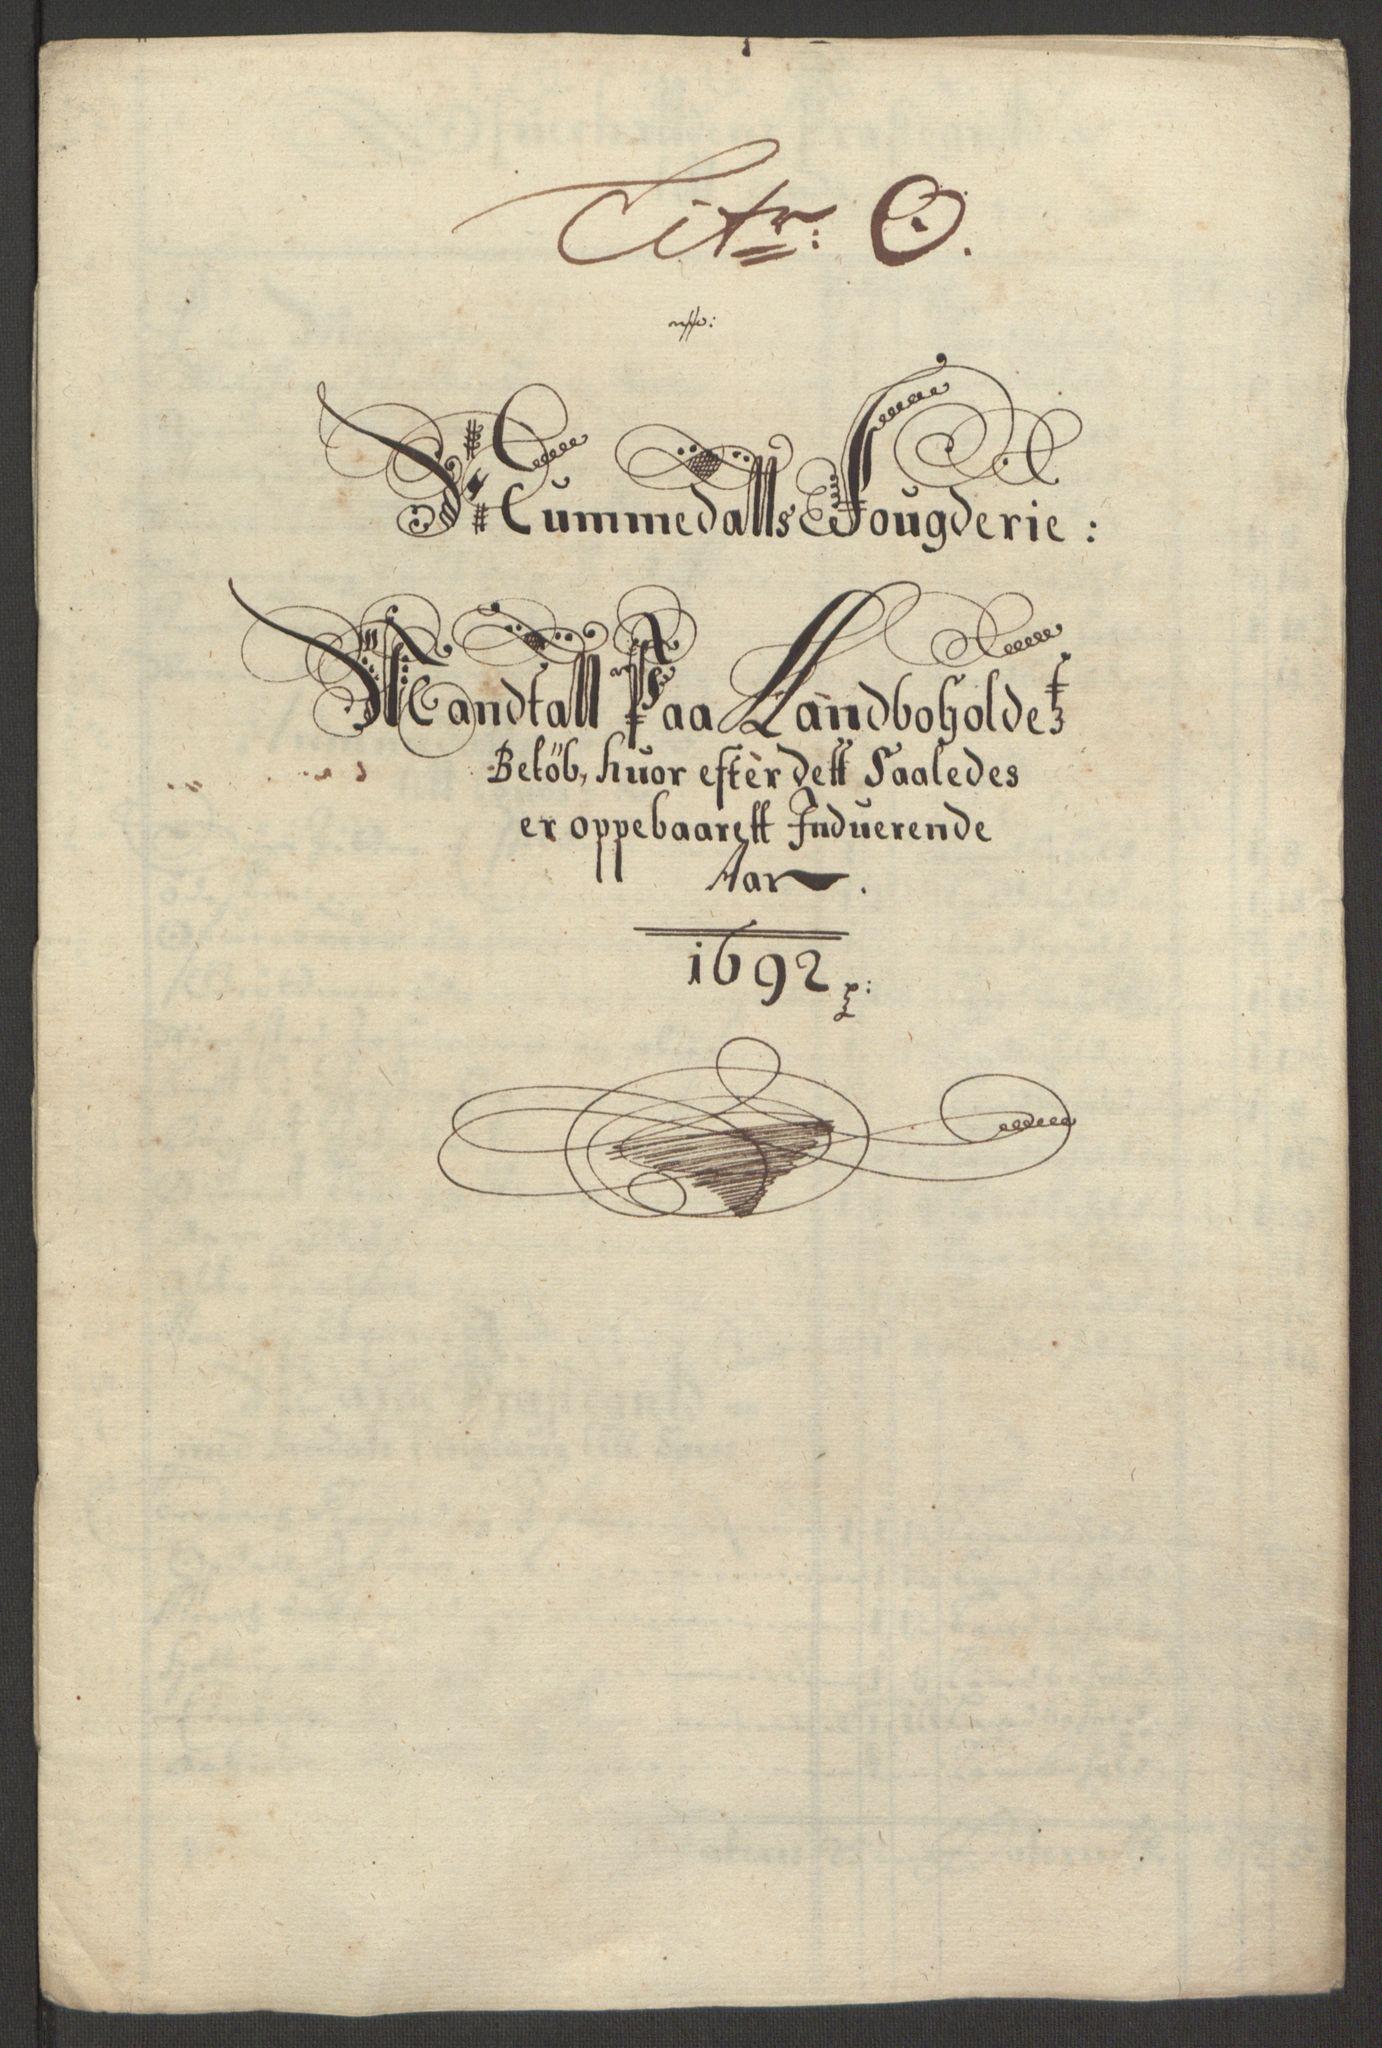 RA, Rentekammeret inntil 1814, Reviderte regnskaper, Fogderegnskap, R64/L4424: Fogderegnskap Namdal, 1692-1695, s. 95